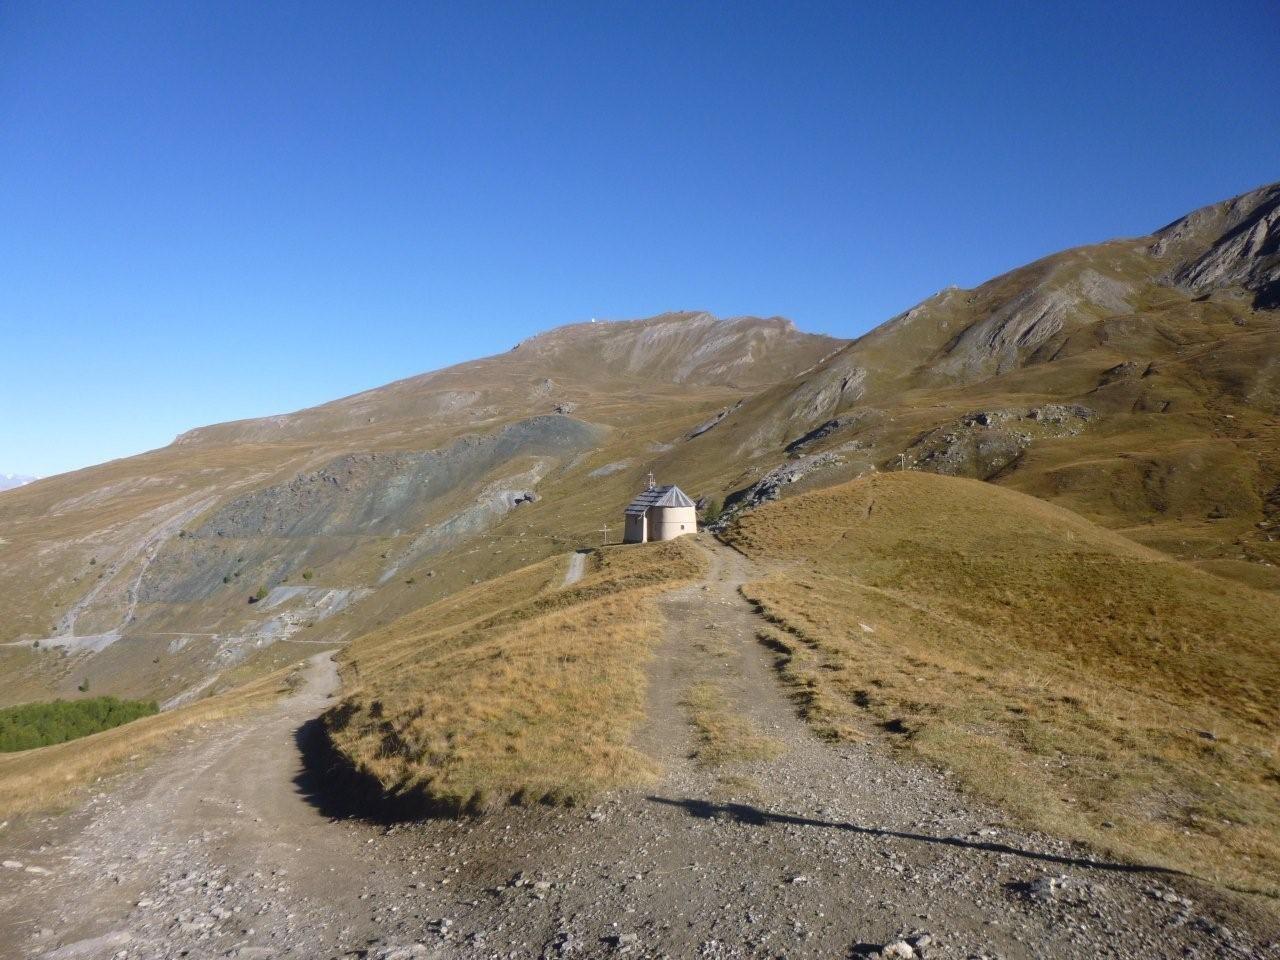 Lundi 22: Chapelle de Clausis (2903 m)